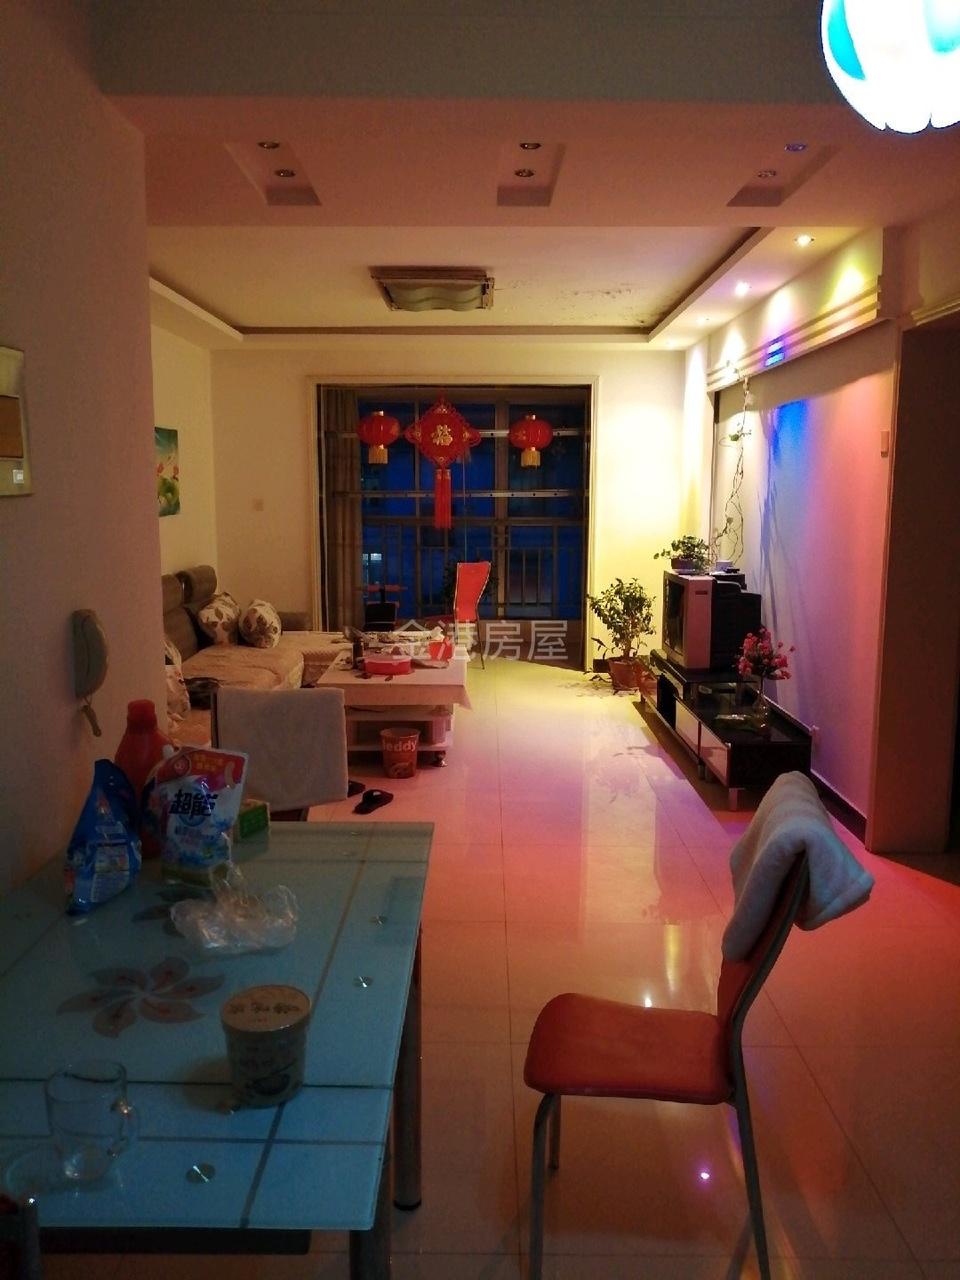 【金港房屋】兴达小区 6层2室2厅 1卫33万元